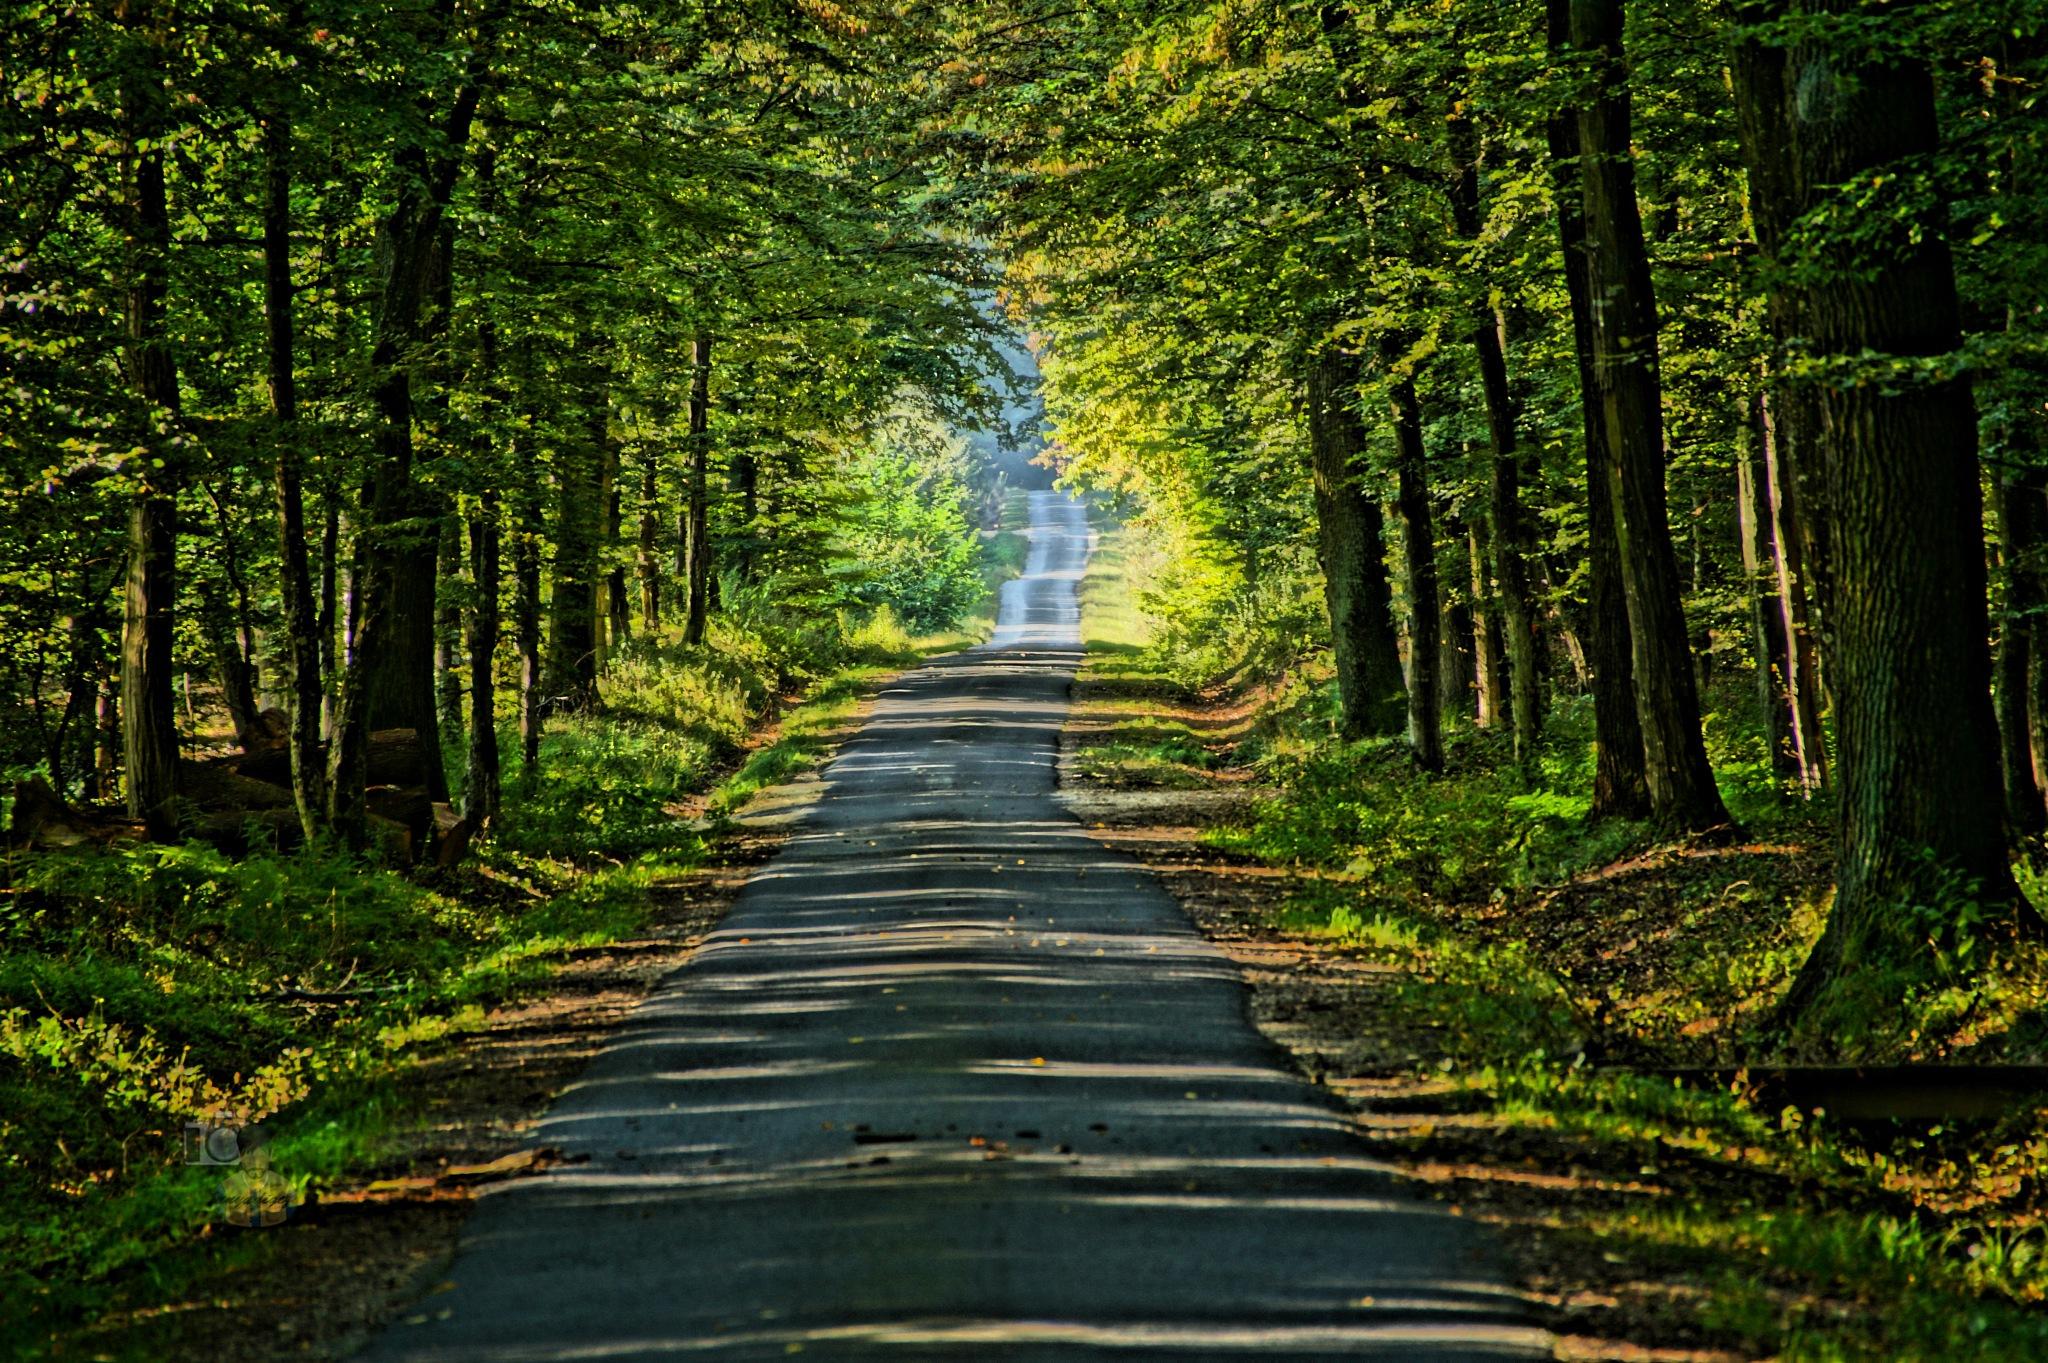 Sep.14, Forest Way HDR by hunyadigeza